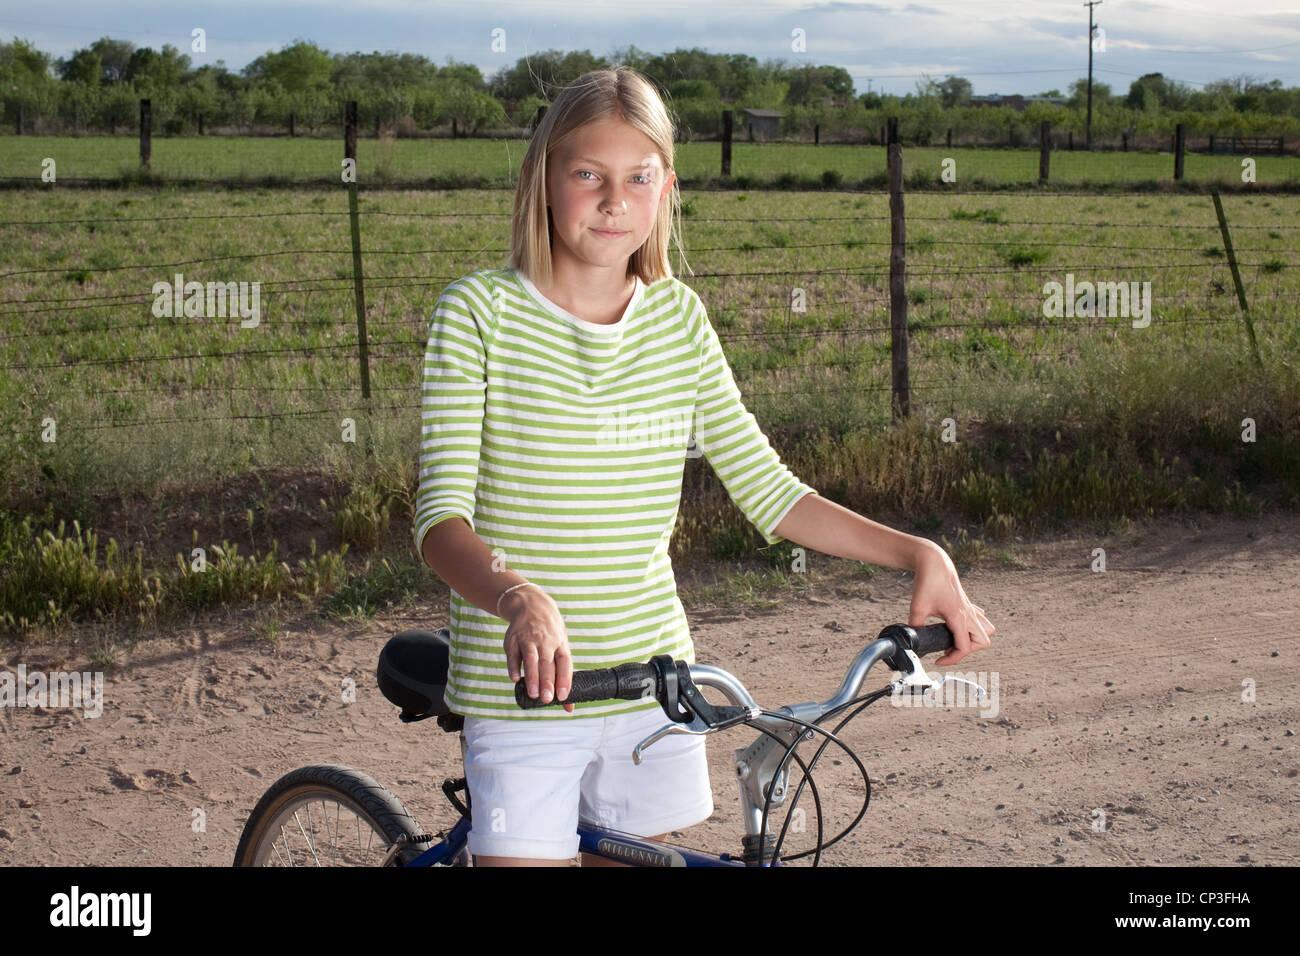 Onze ans, fille, et être prêt à monter son vélo dans une zone rurale. Photo Stock